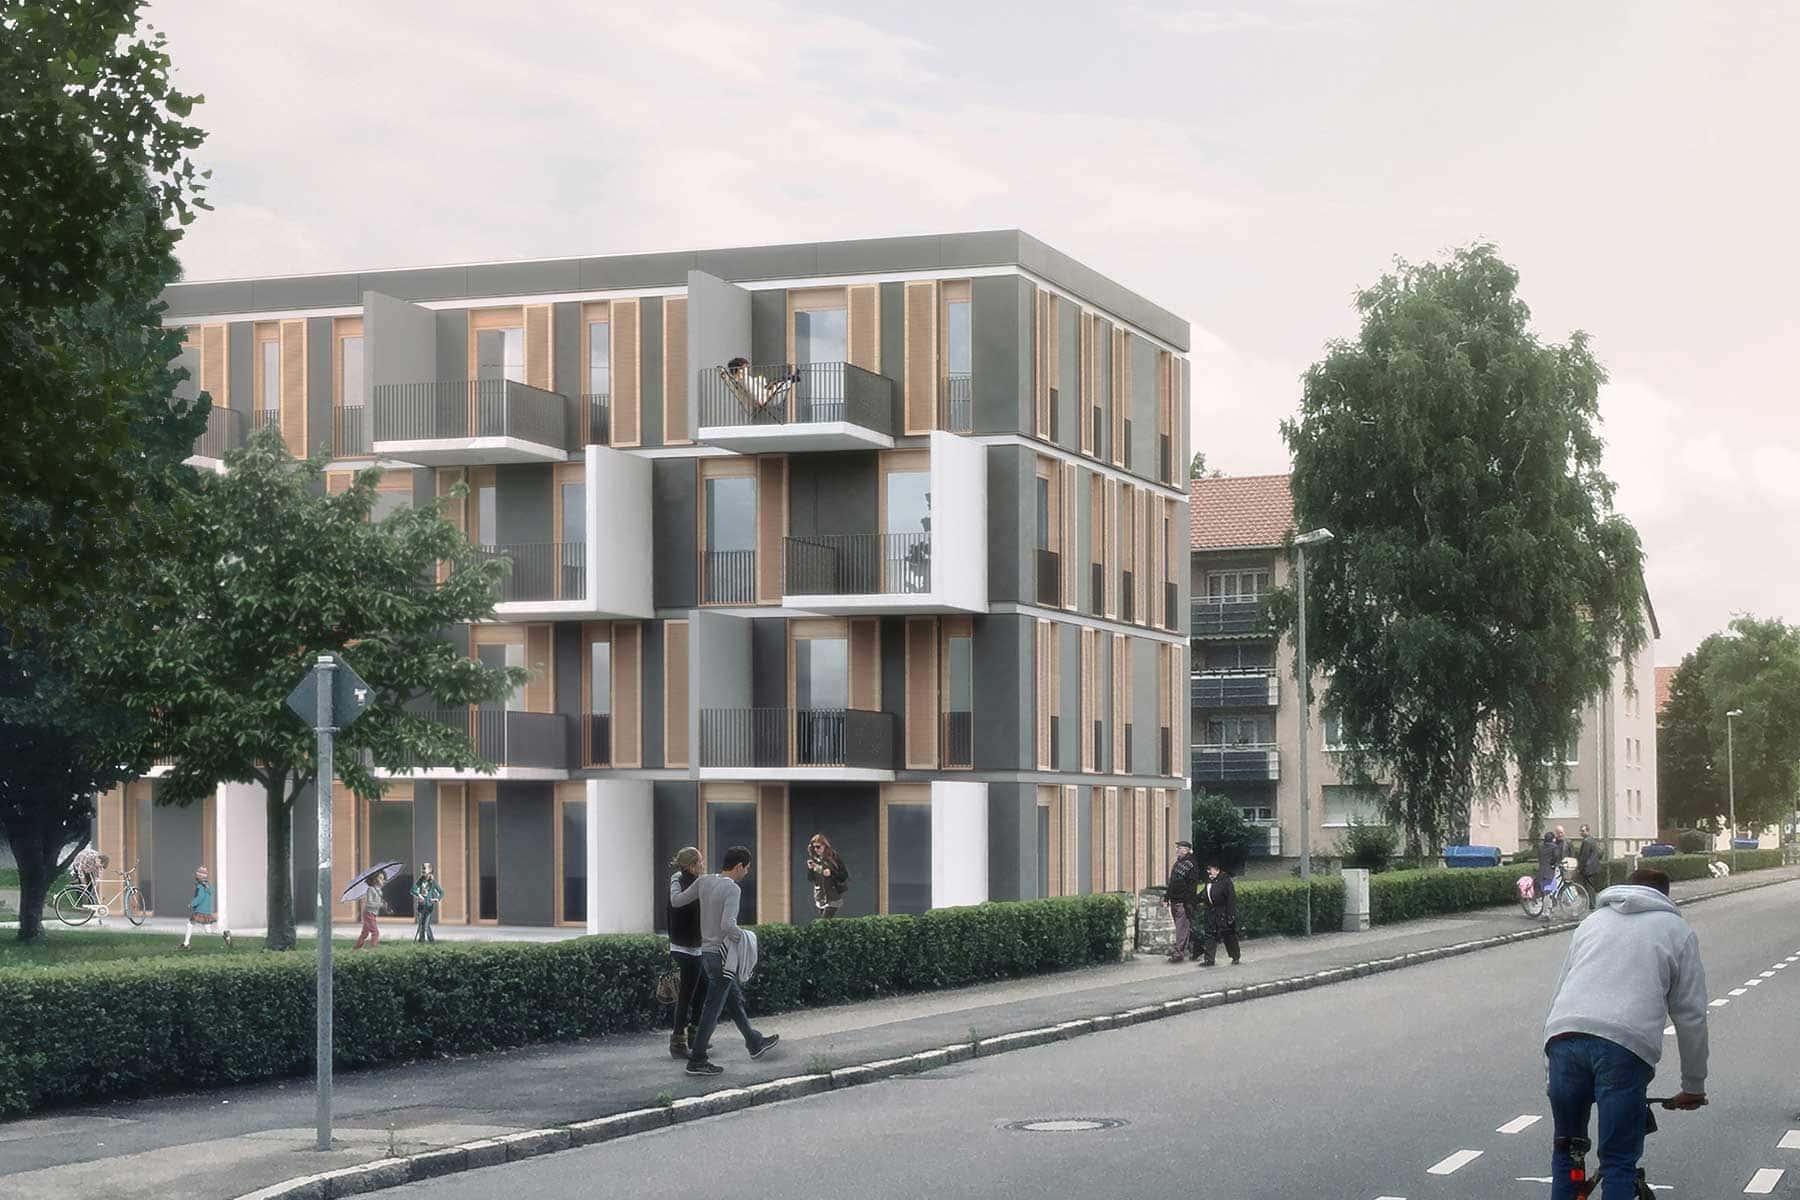 Wohnraum für Alle - Wohnhaus Suburban Hybridbauweise